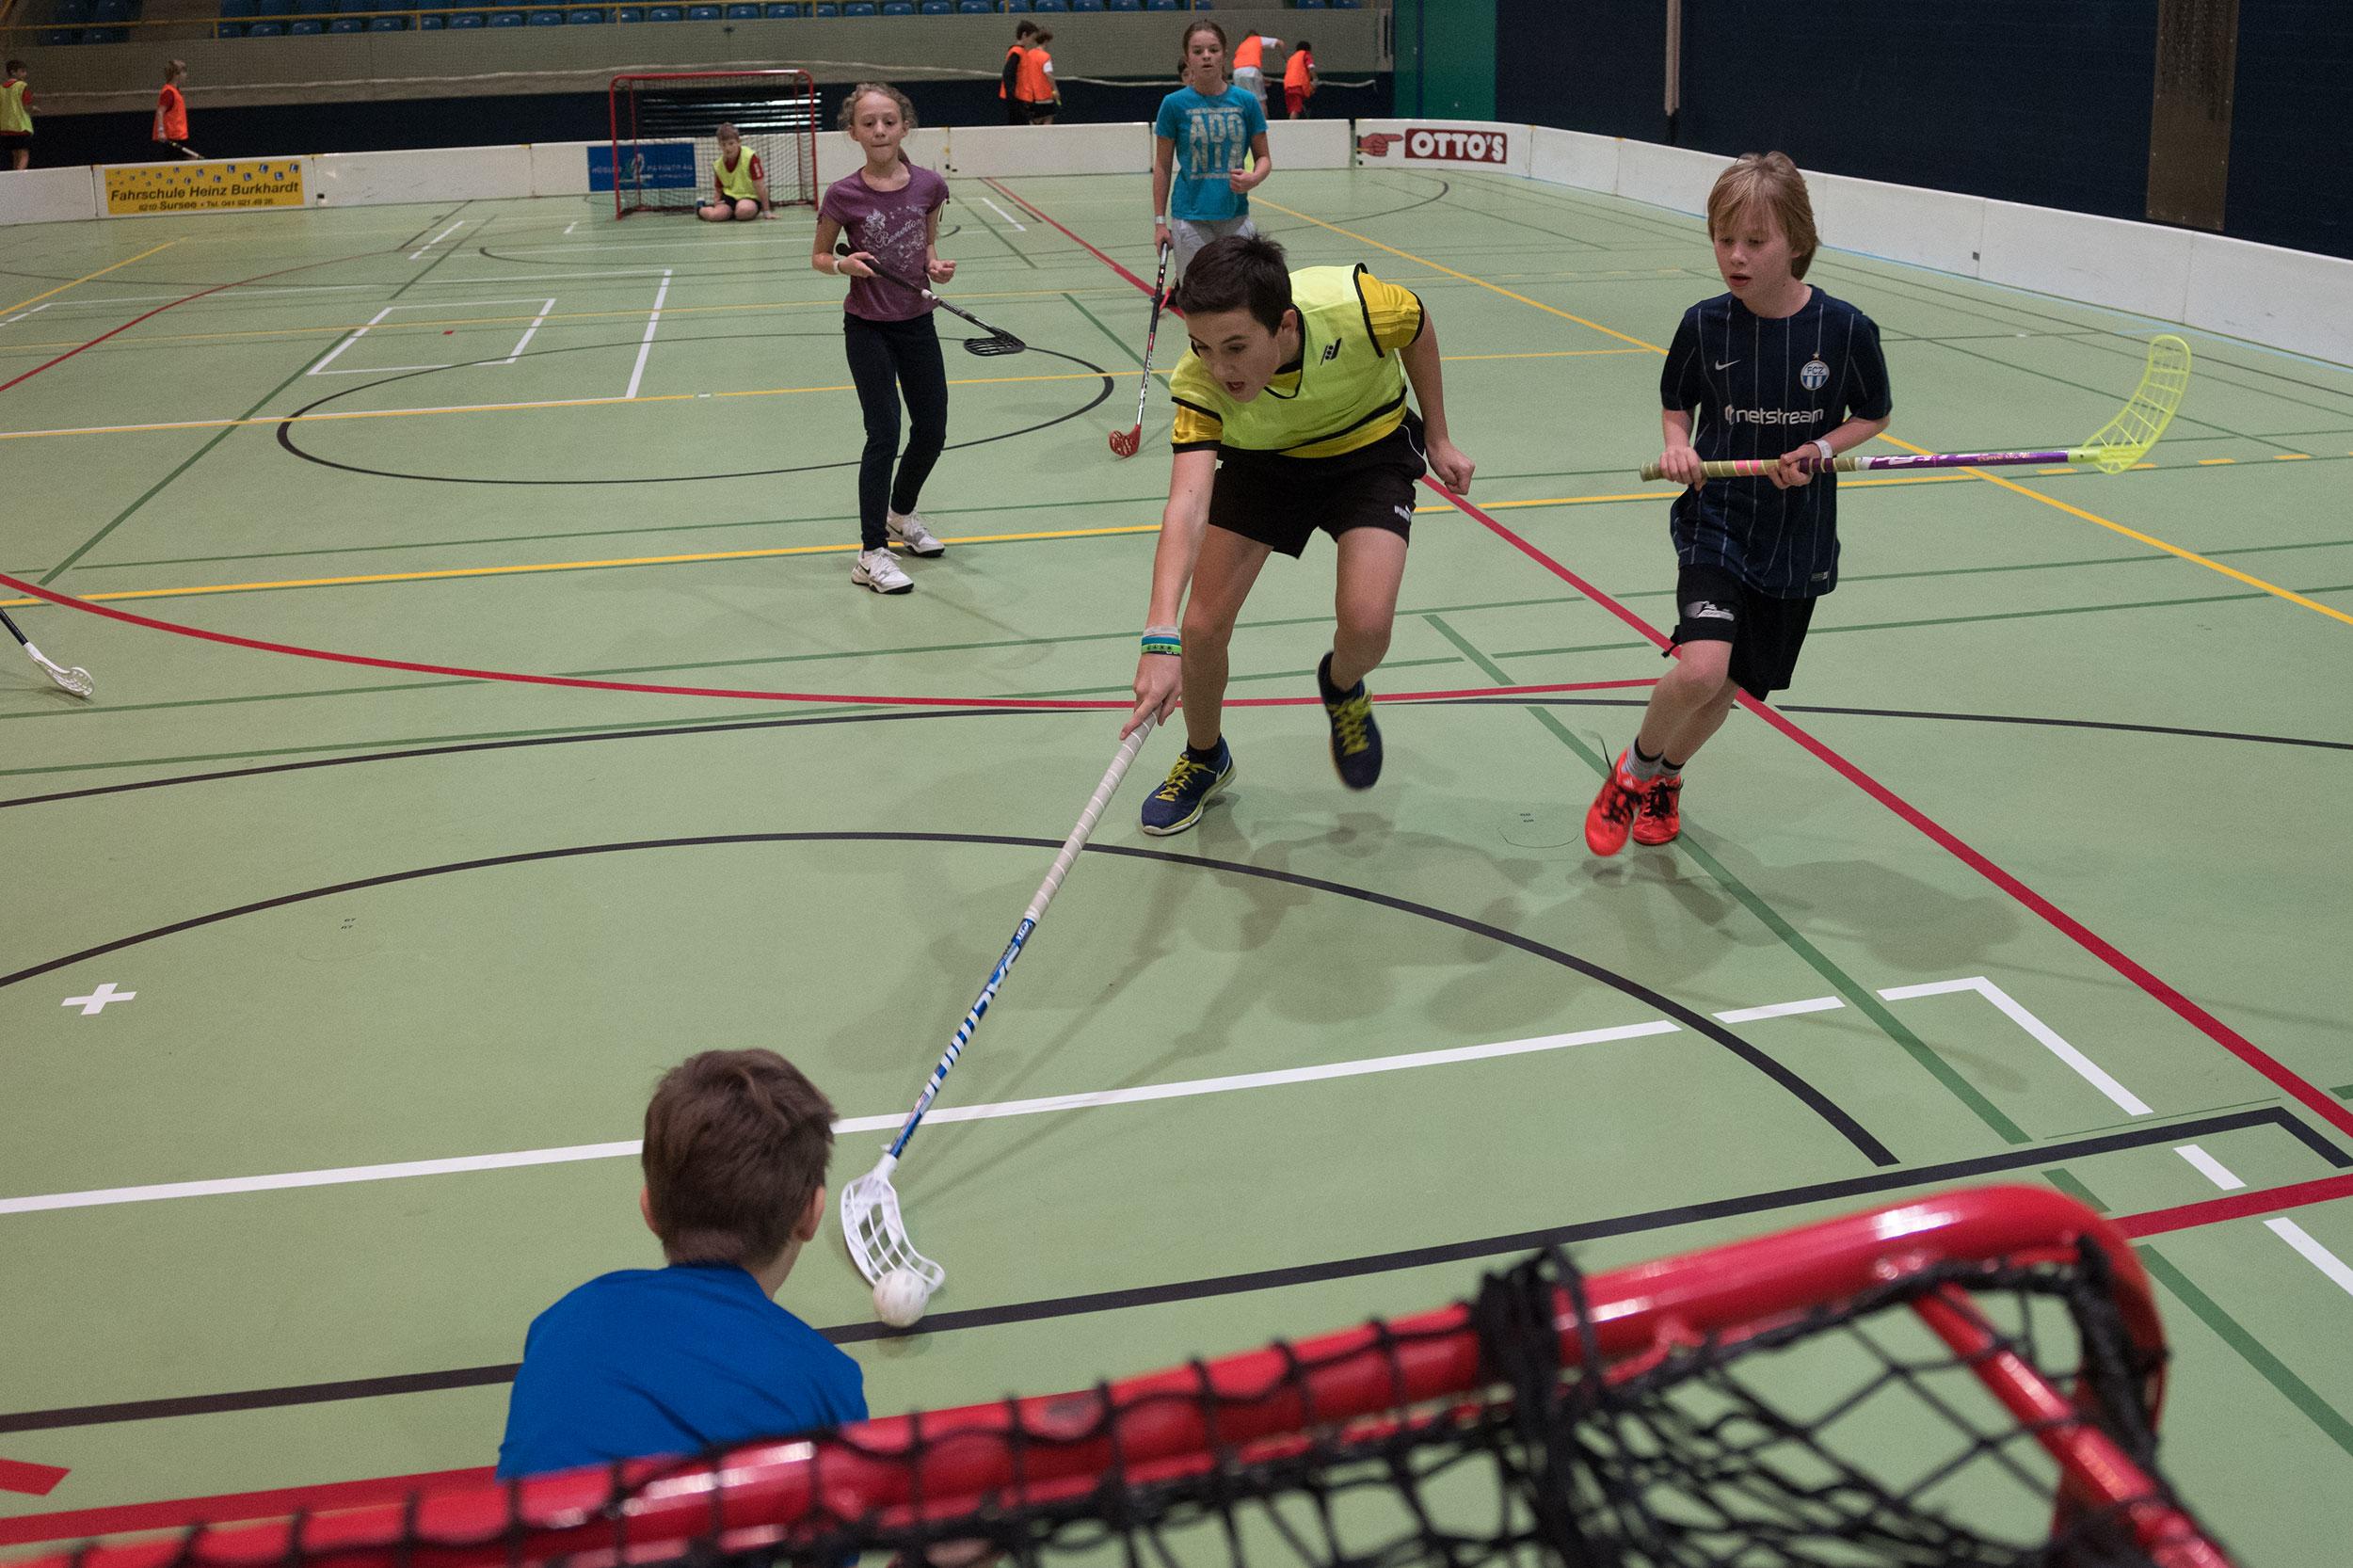 unihockey by peter schäublin, photography schaffhausen